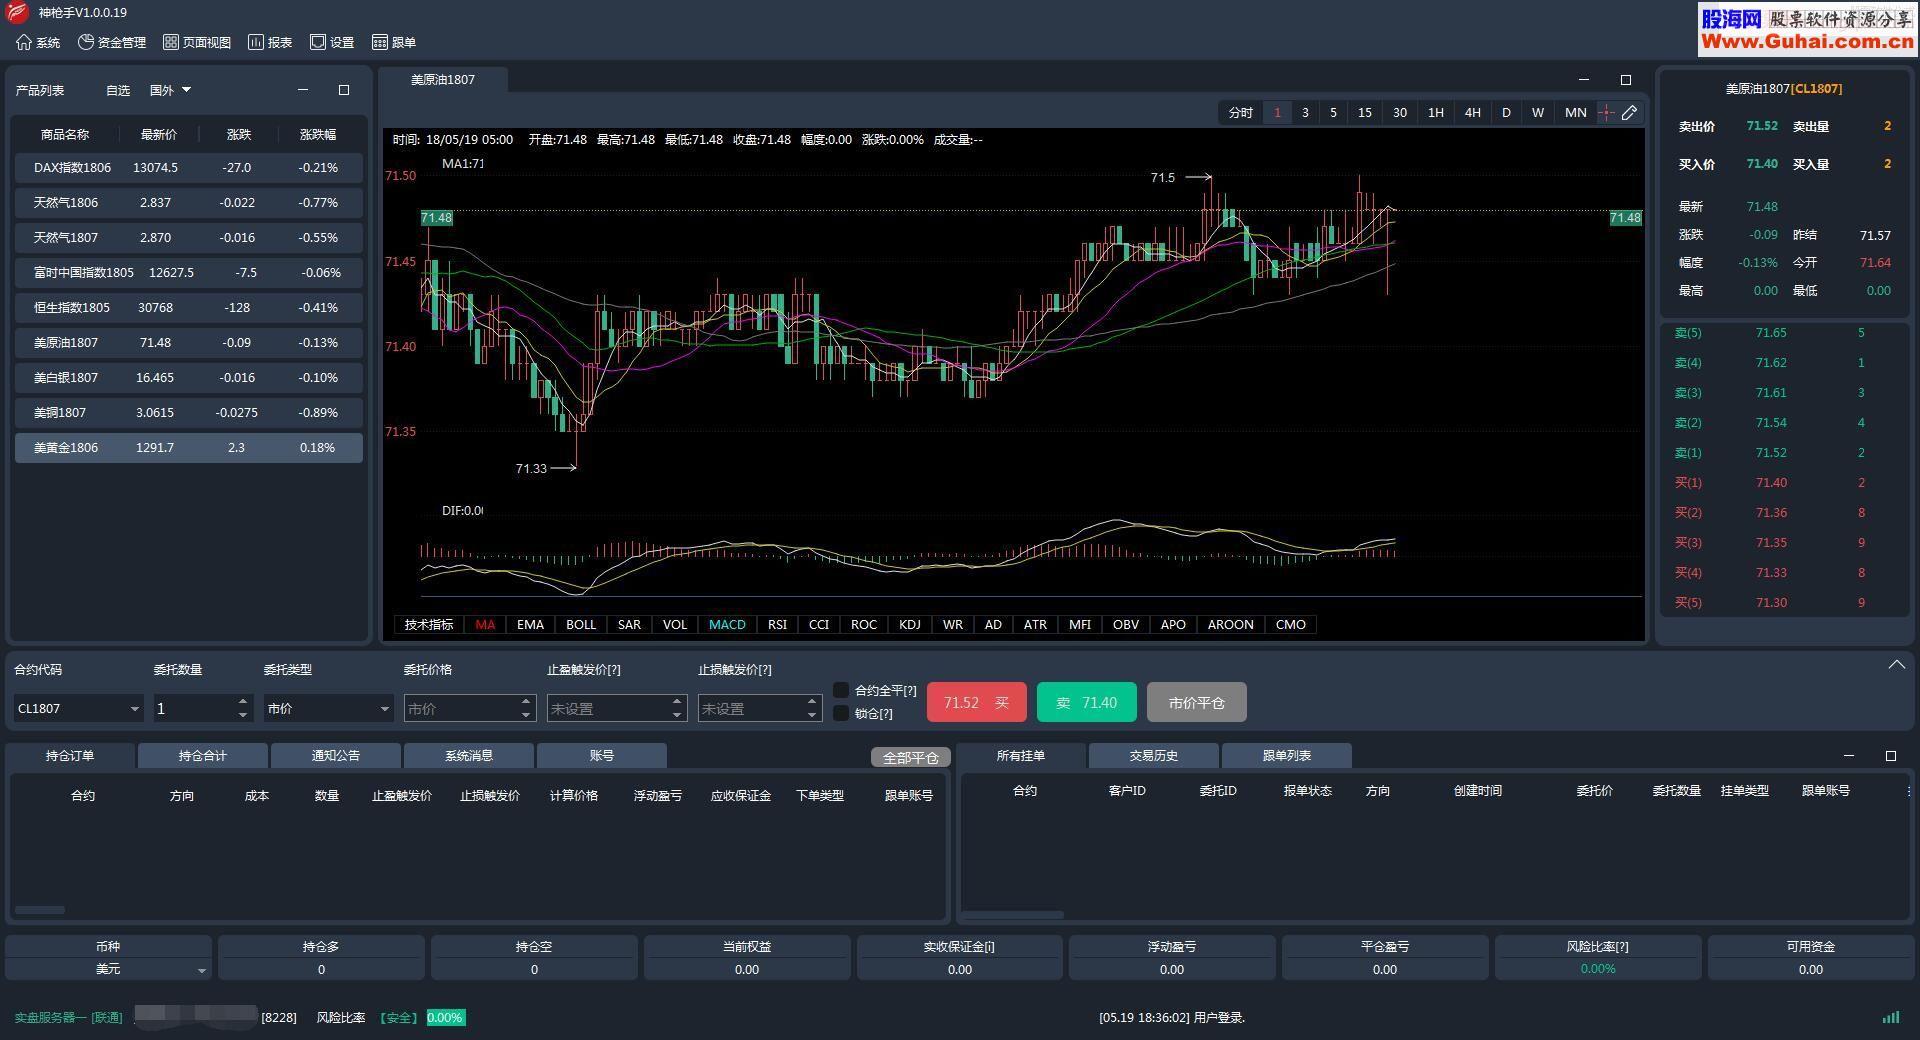 神枪手V1.0.0.19 可以交易全球商品的软件 免费查看实时数据